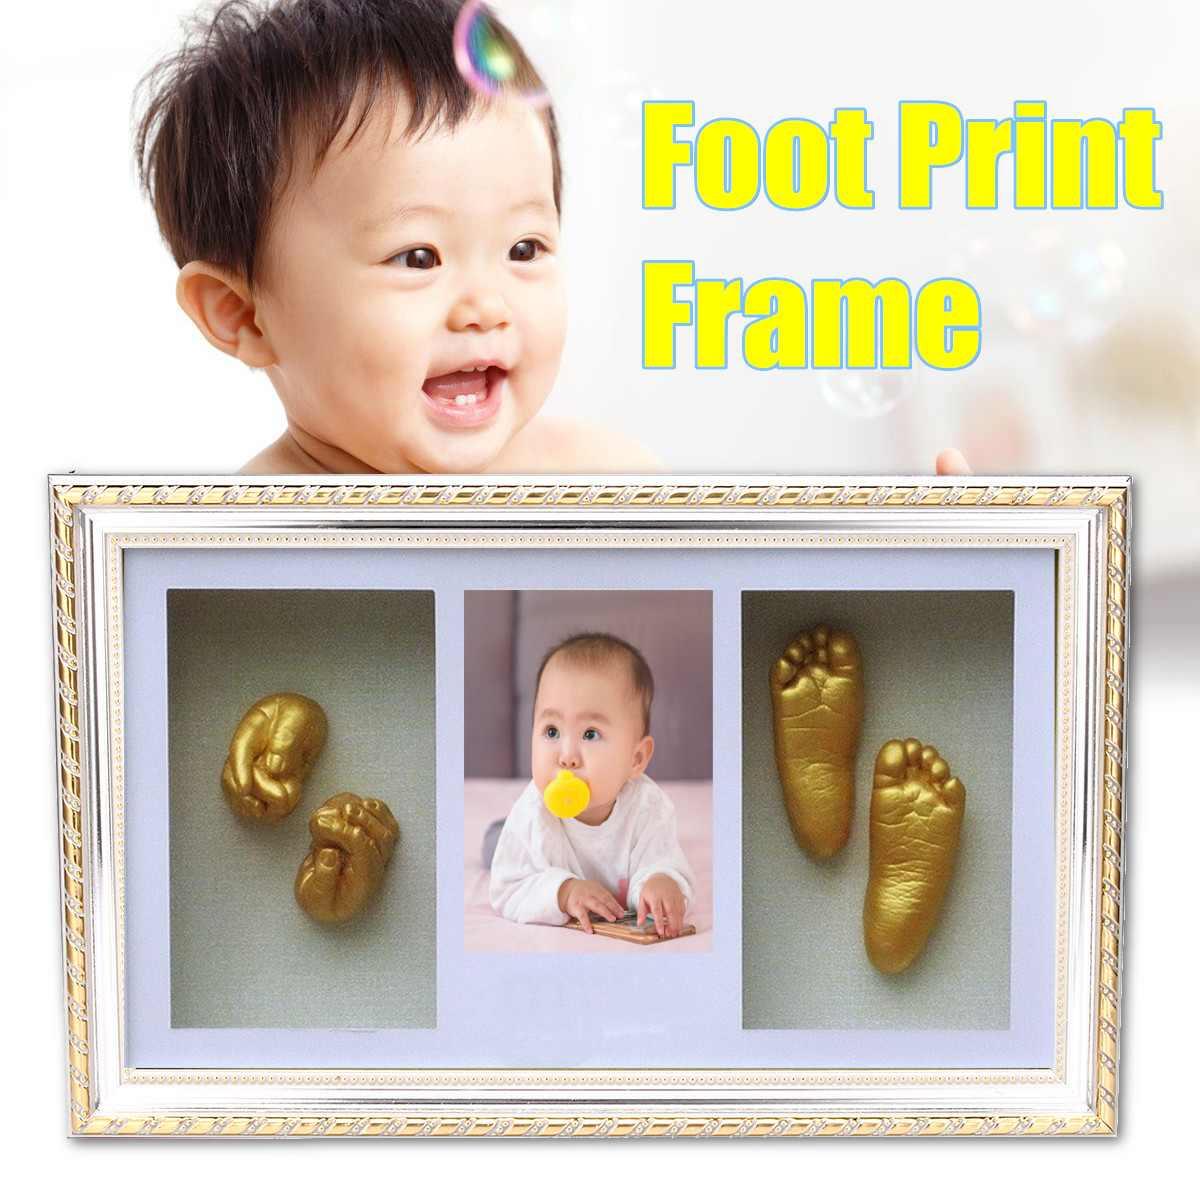 3D main pied coulée nouveau-né bébé empreinte Photo cadre costume sûr propre Non toxique propre main et pied tampon d'encre pour bébé cadeau